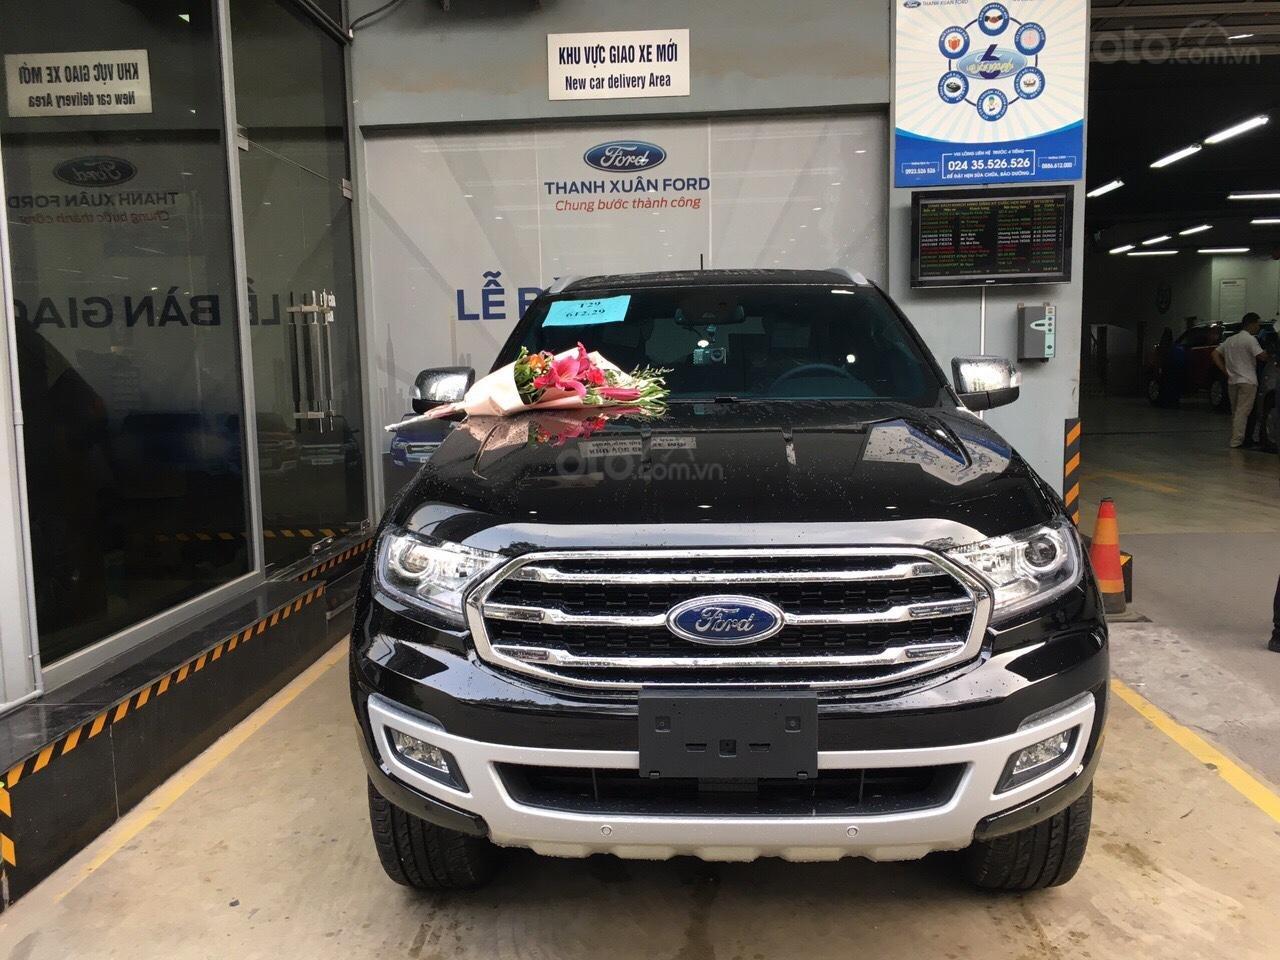 Ford Everest đầy đủ các phiên bản, màu sắc, giảm giá, khuyến mãi nhiều phụ kiện (4)